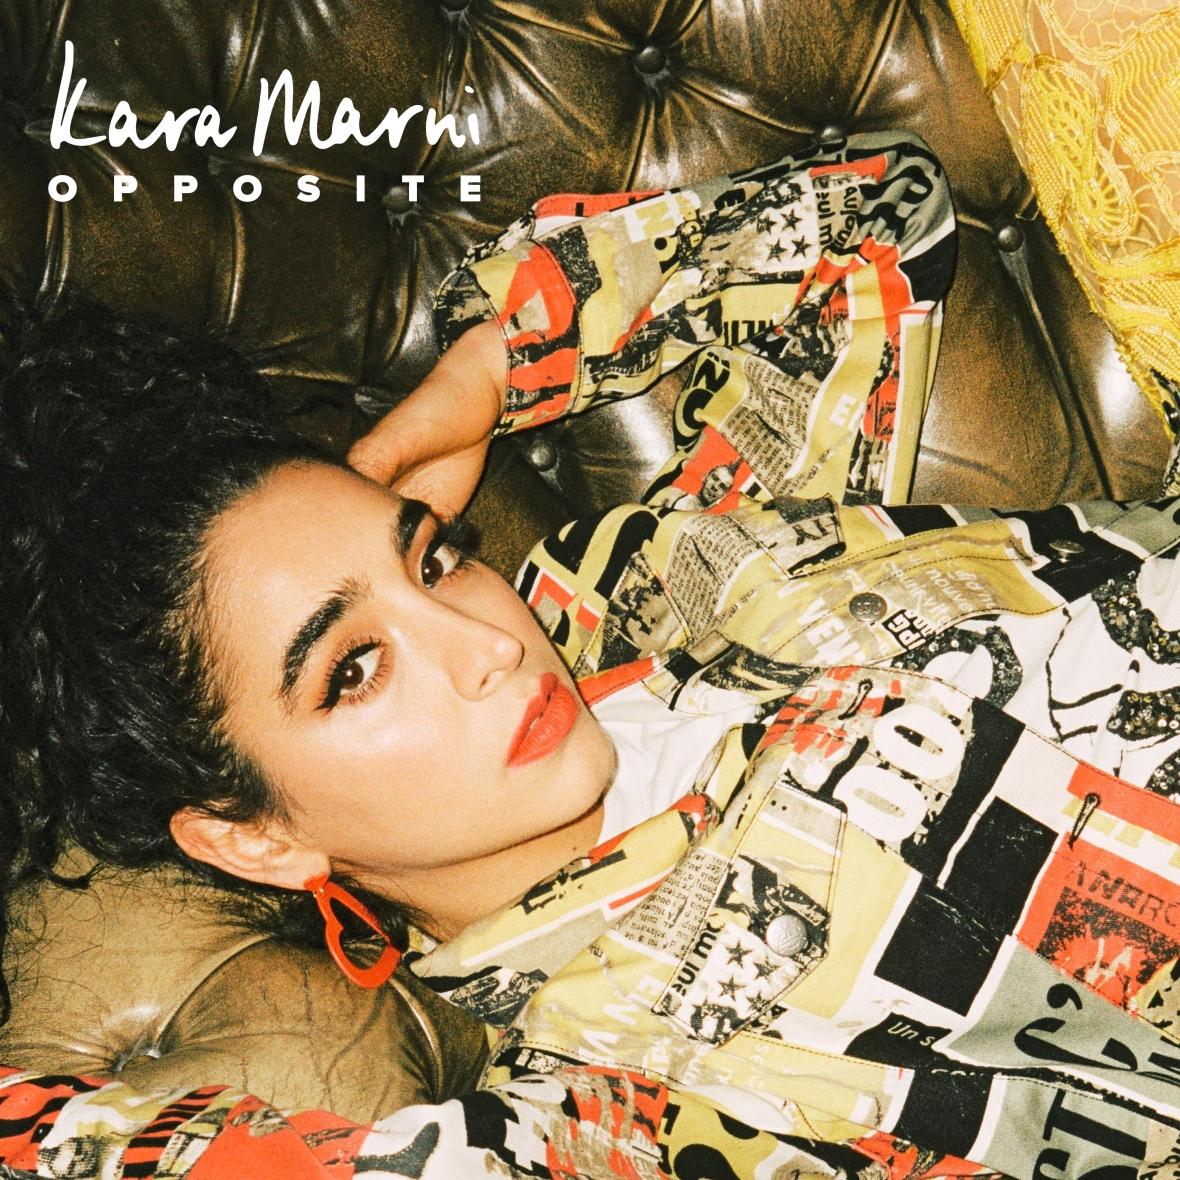 Kara Marni - Opposite (Official Music Video)